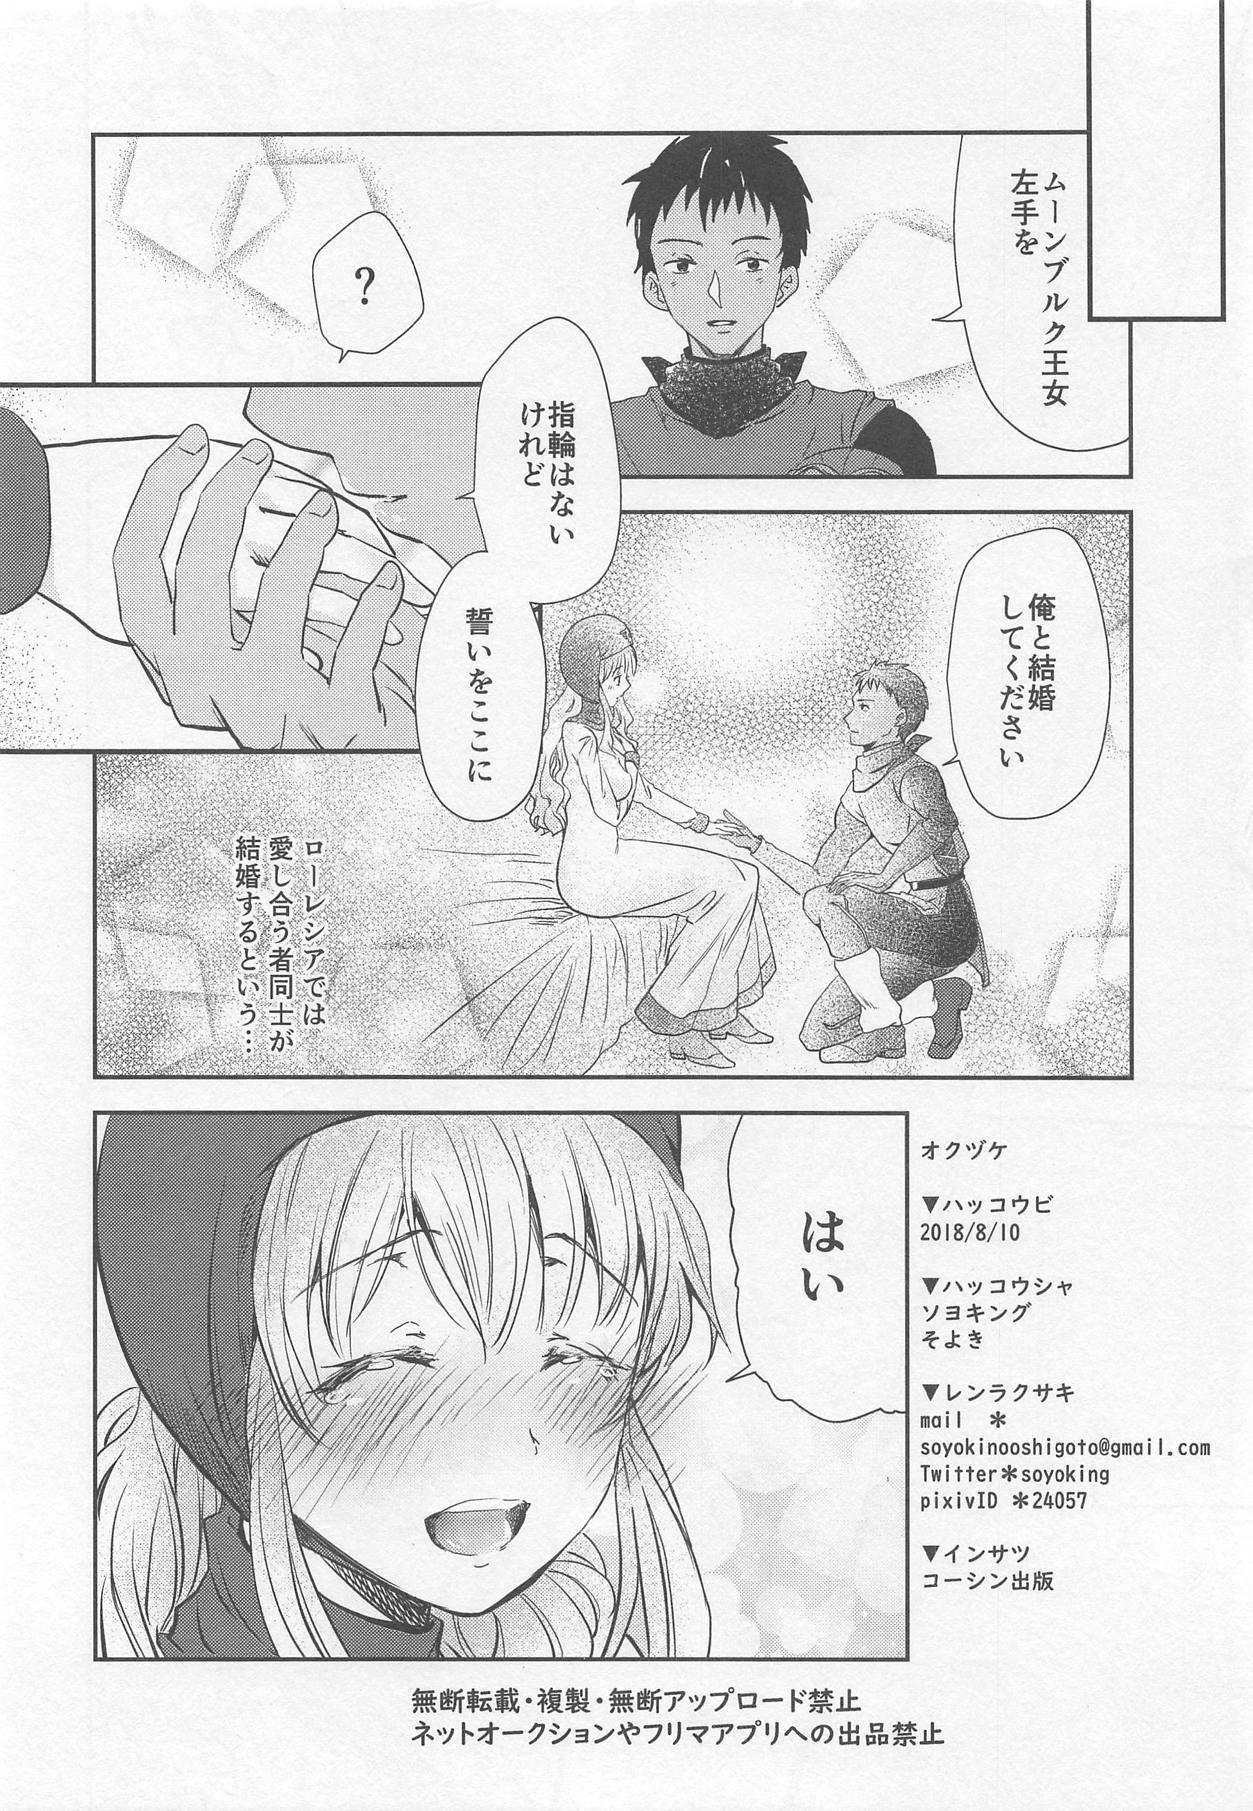 Moonbrooke Oujo to Maryoku Kyoukyuu 32